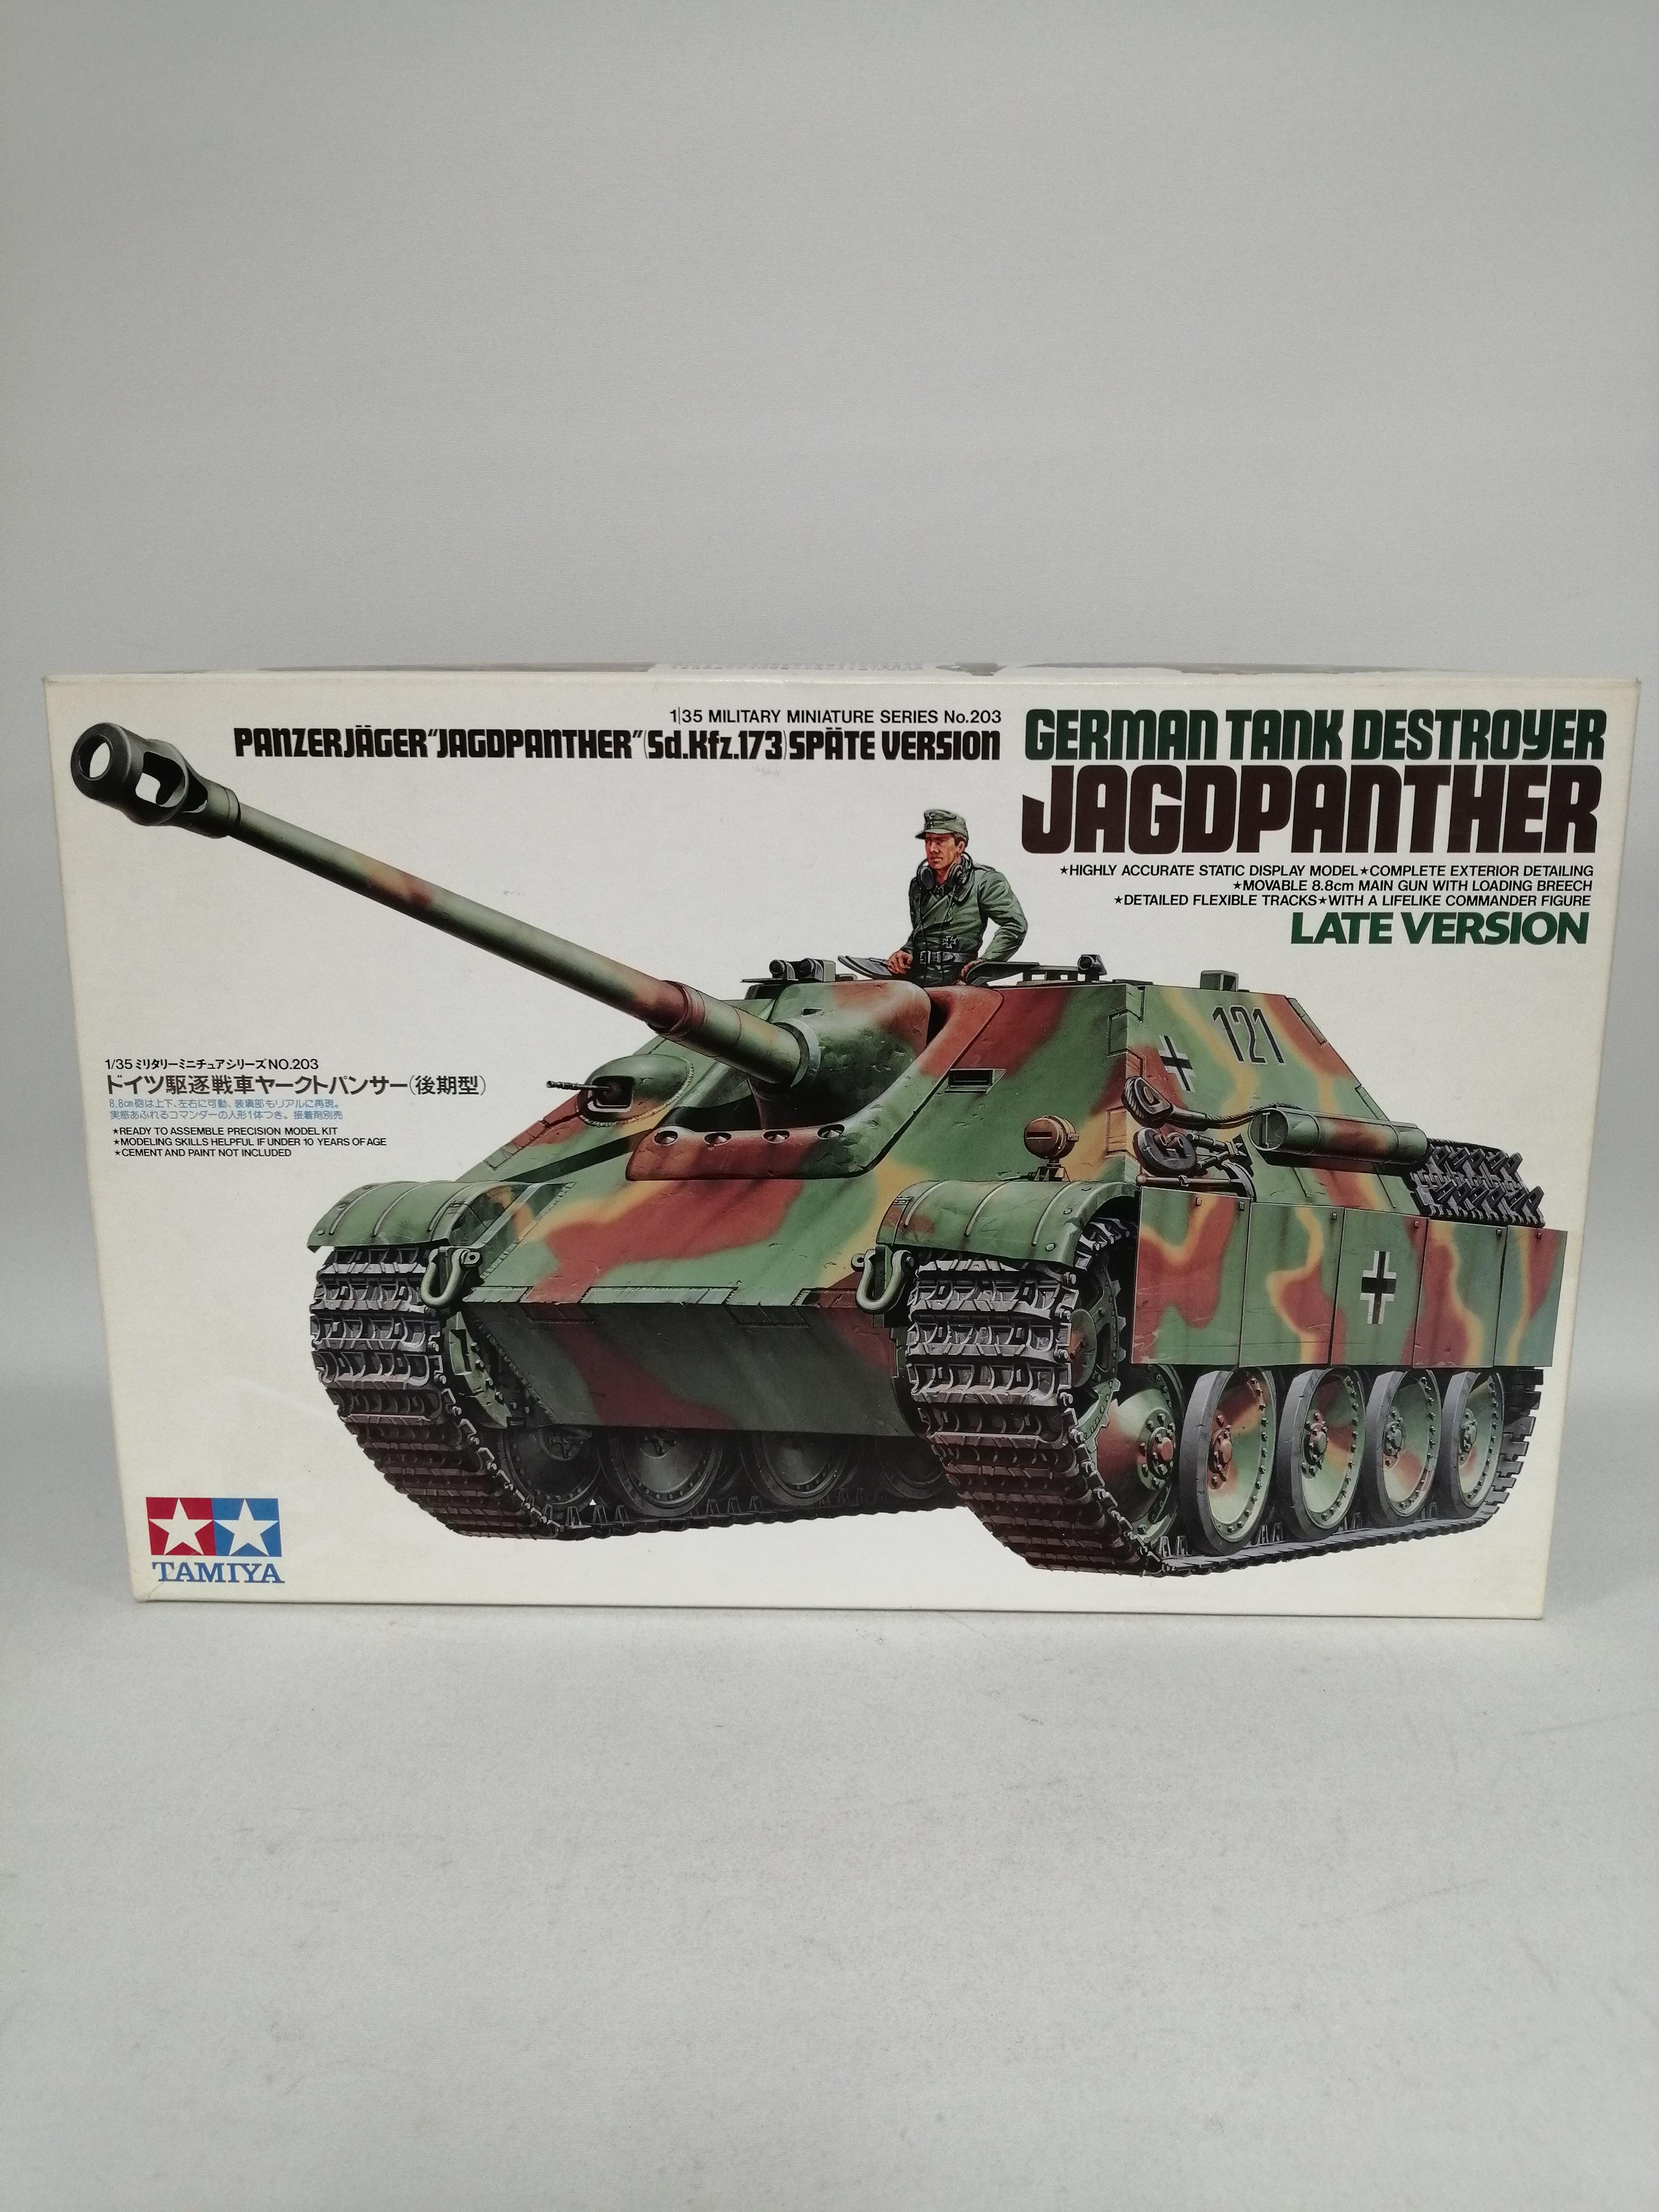 1/35 ドイツ駆逐戦車ヤークトパンサー 後期型|TAMIYA